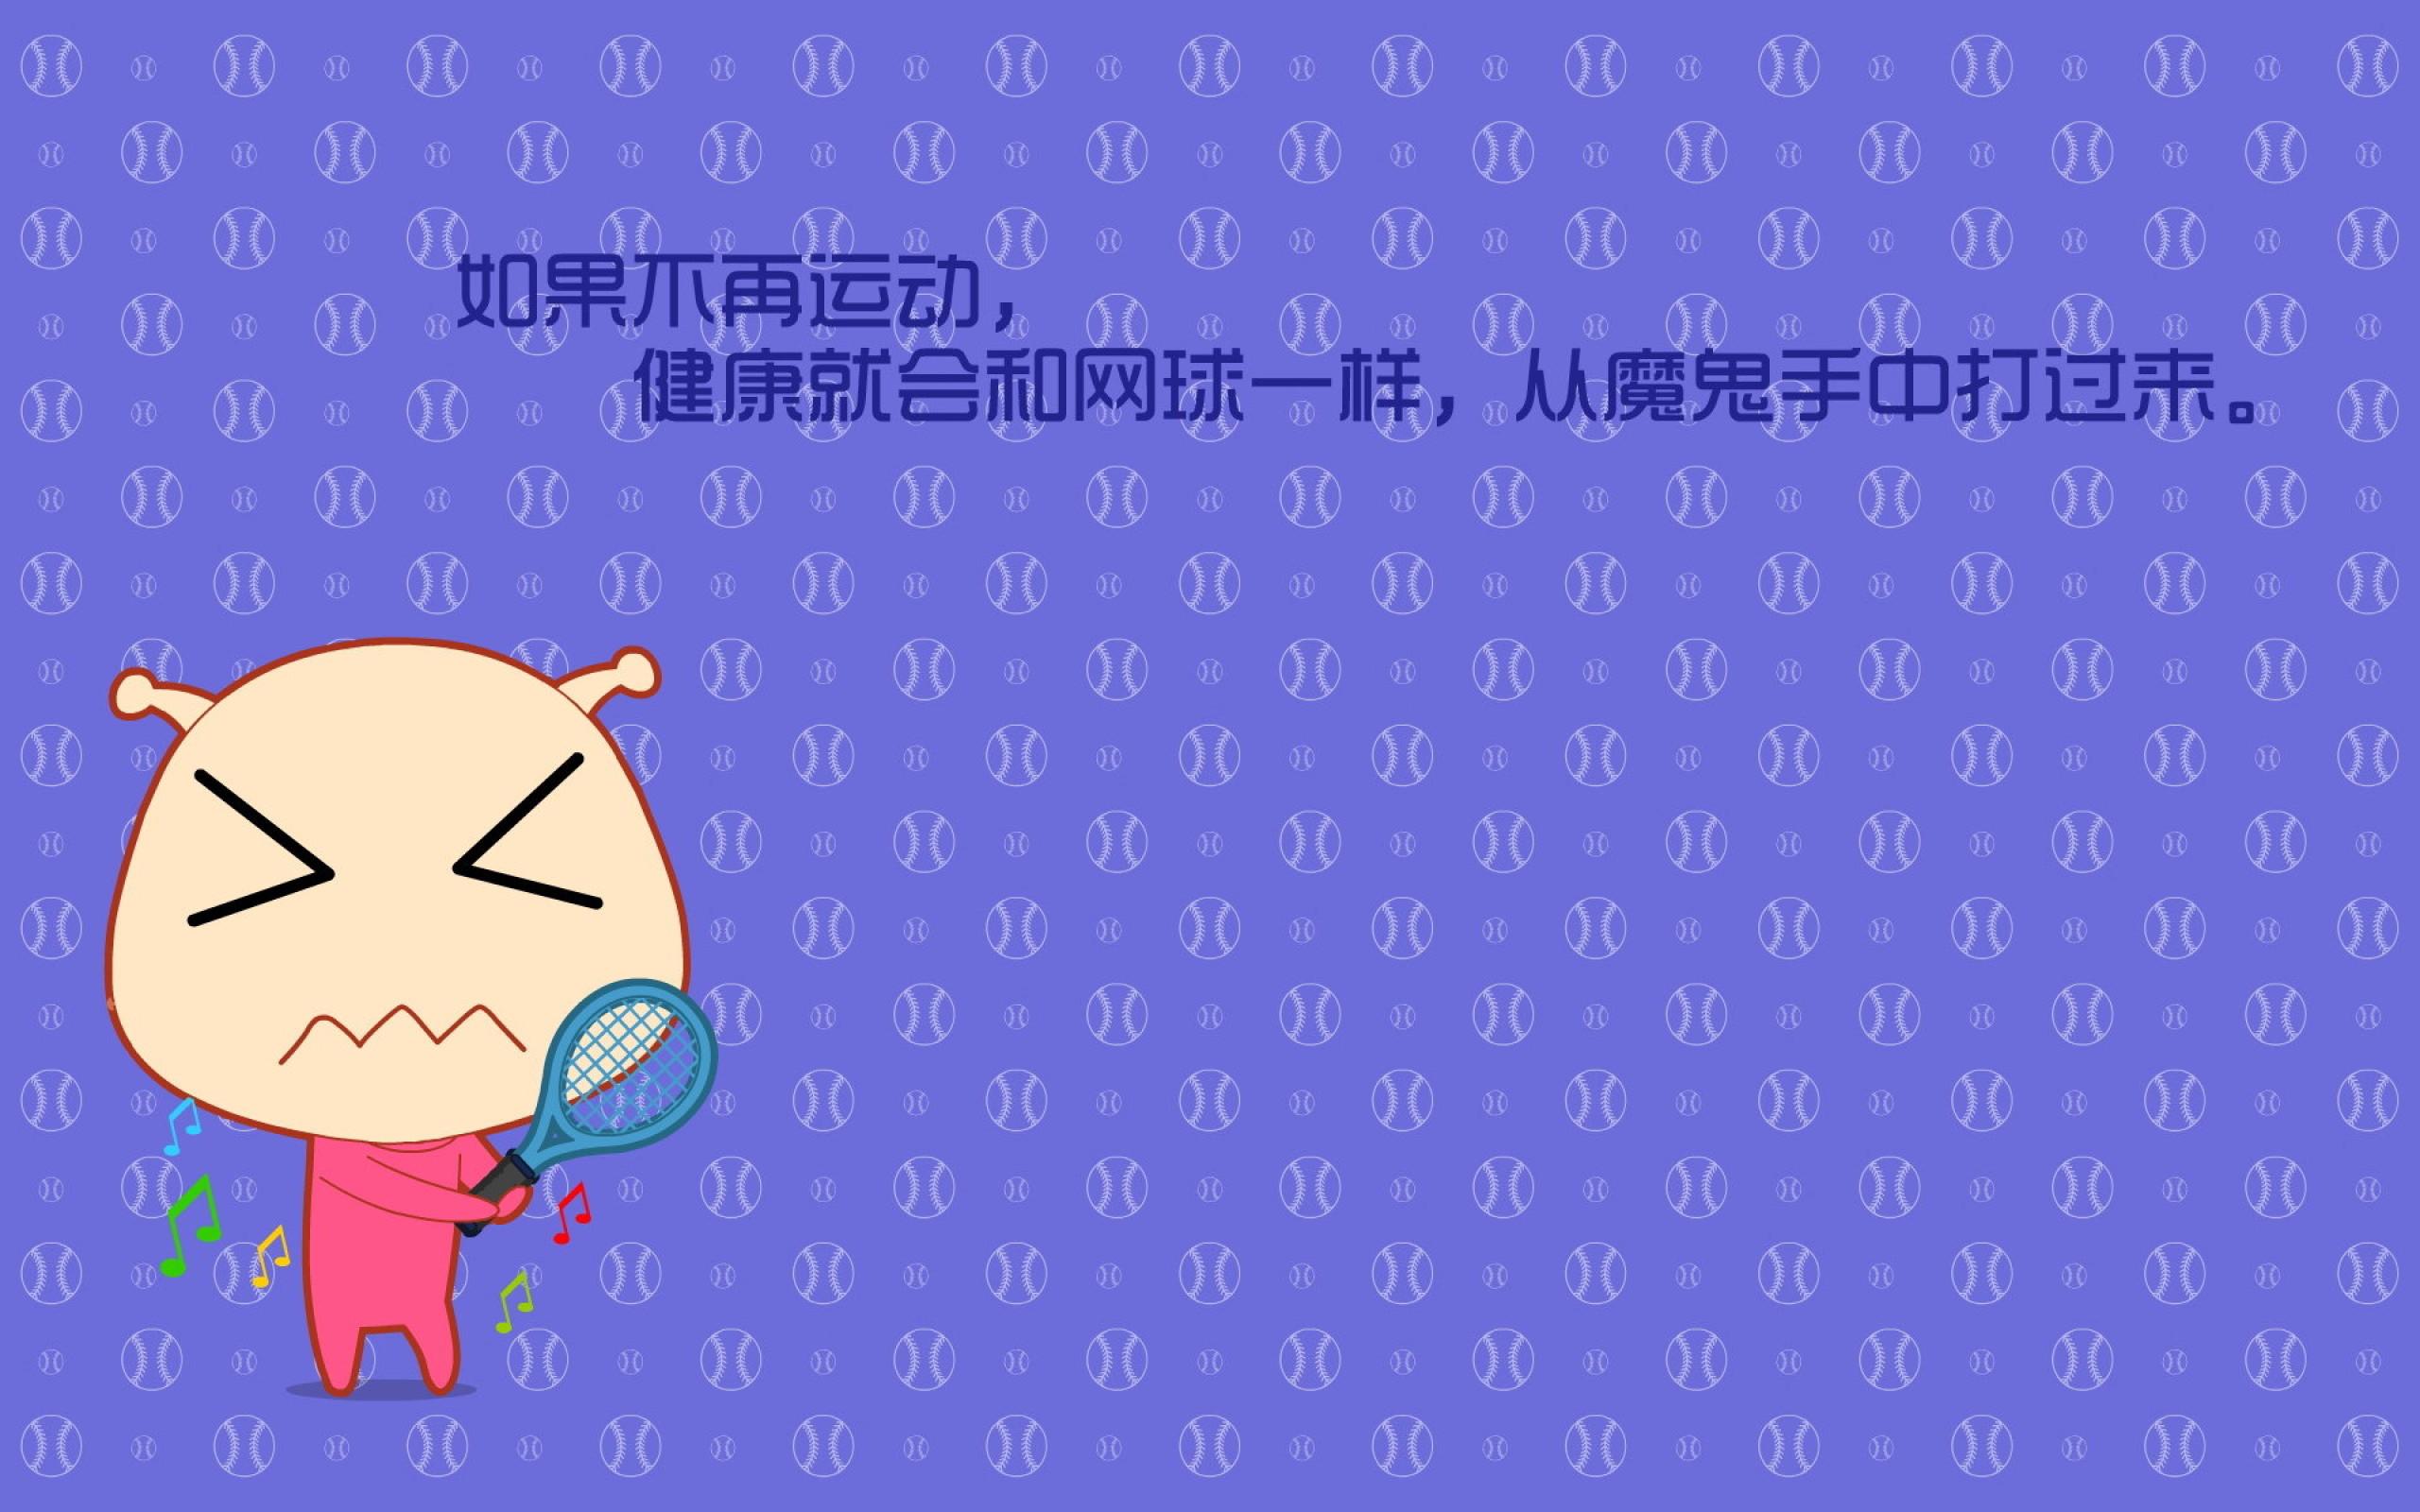 蜗弟语录可爱卡通壁纸